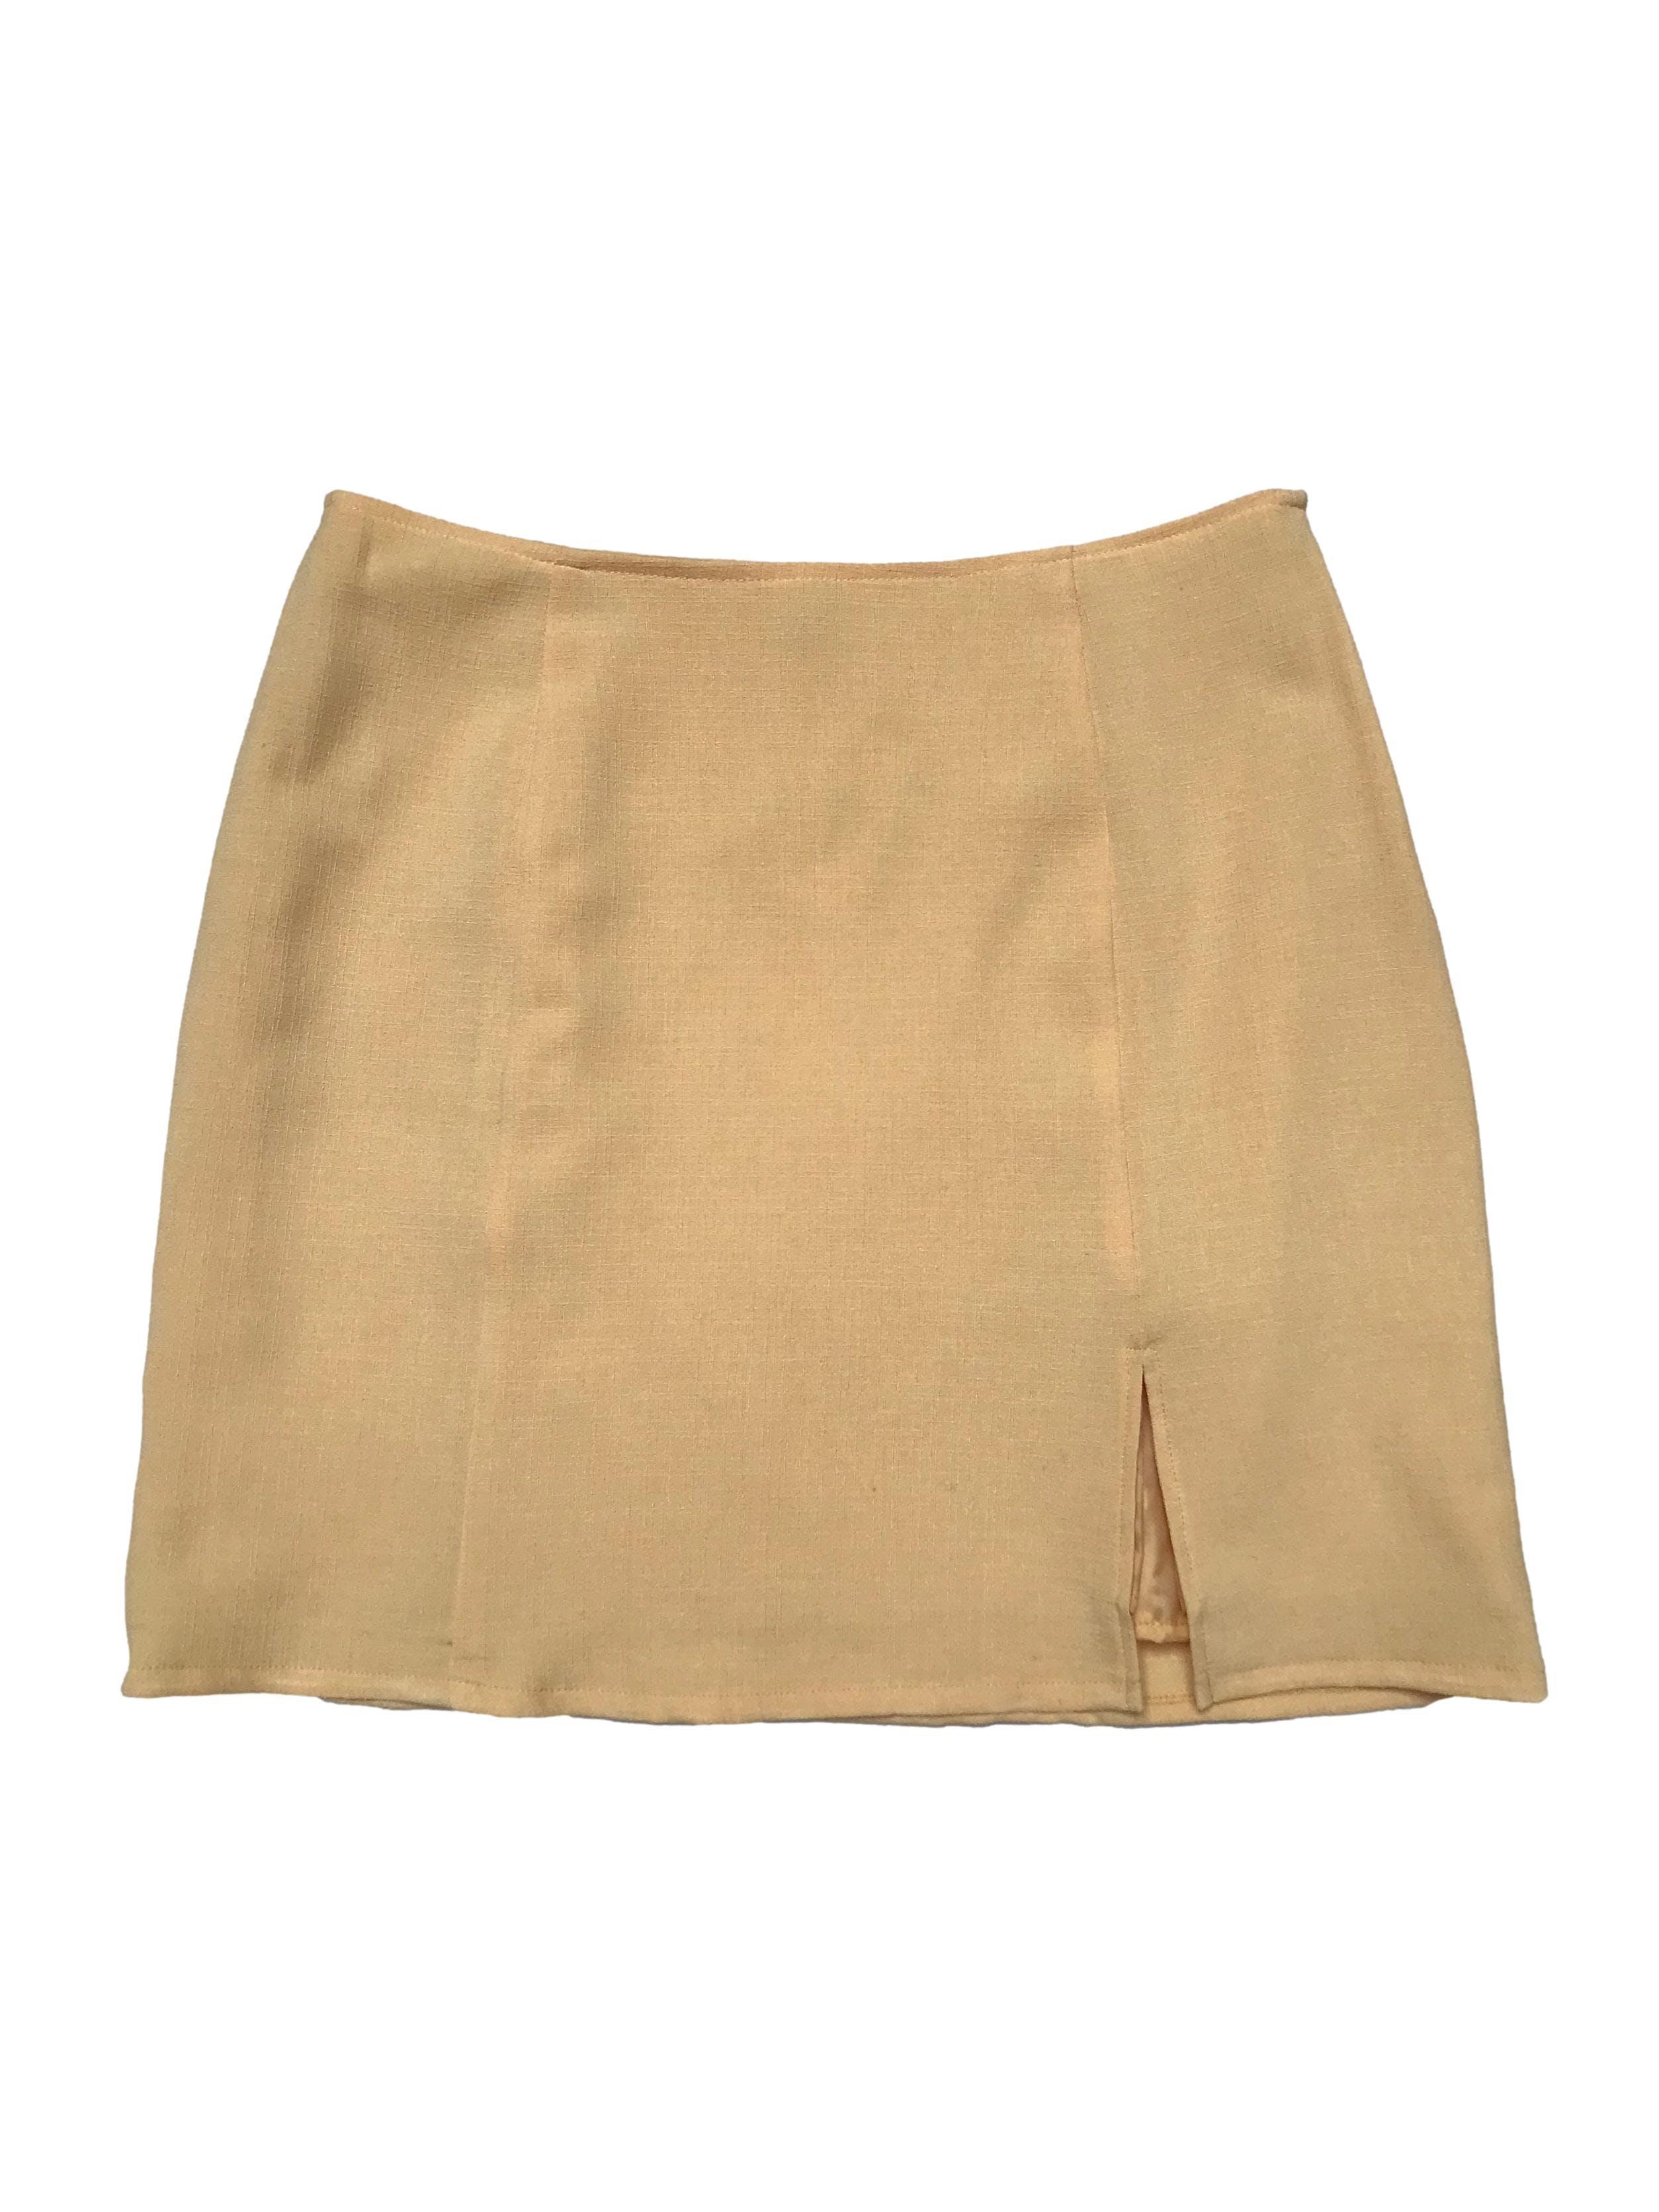 Falda amarilla con abertura en la pierna, es forrada y tiene cierre lateral. Cintura 78cm Largo 44cm